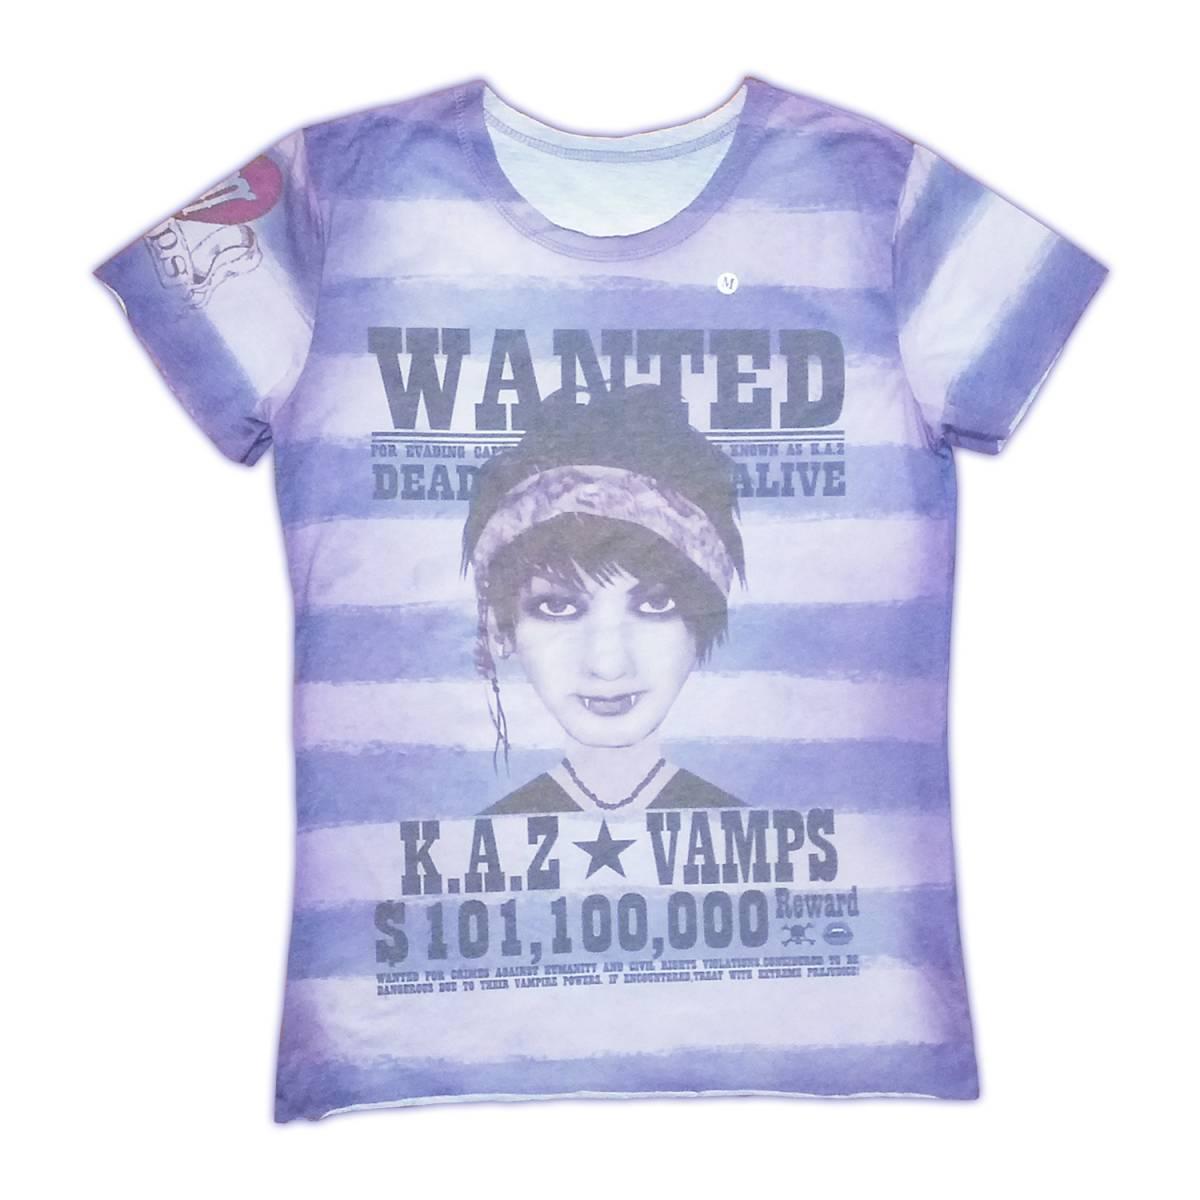 新品レア*VAMPS K.A.Z WANTED Tシャツ*Mサイズ*2013年*Oblivion Dust、L'Arc~en~Ciel、ラルク、hyde♪